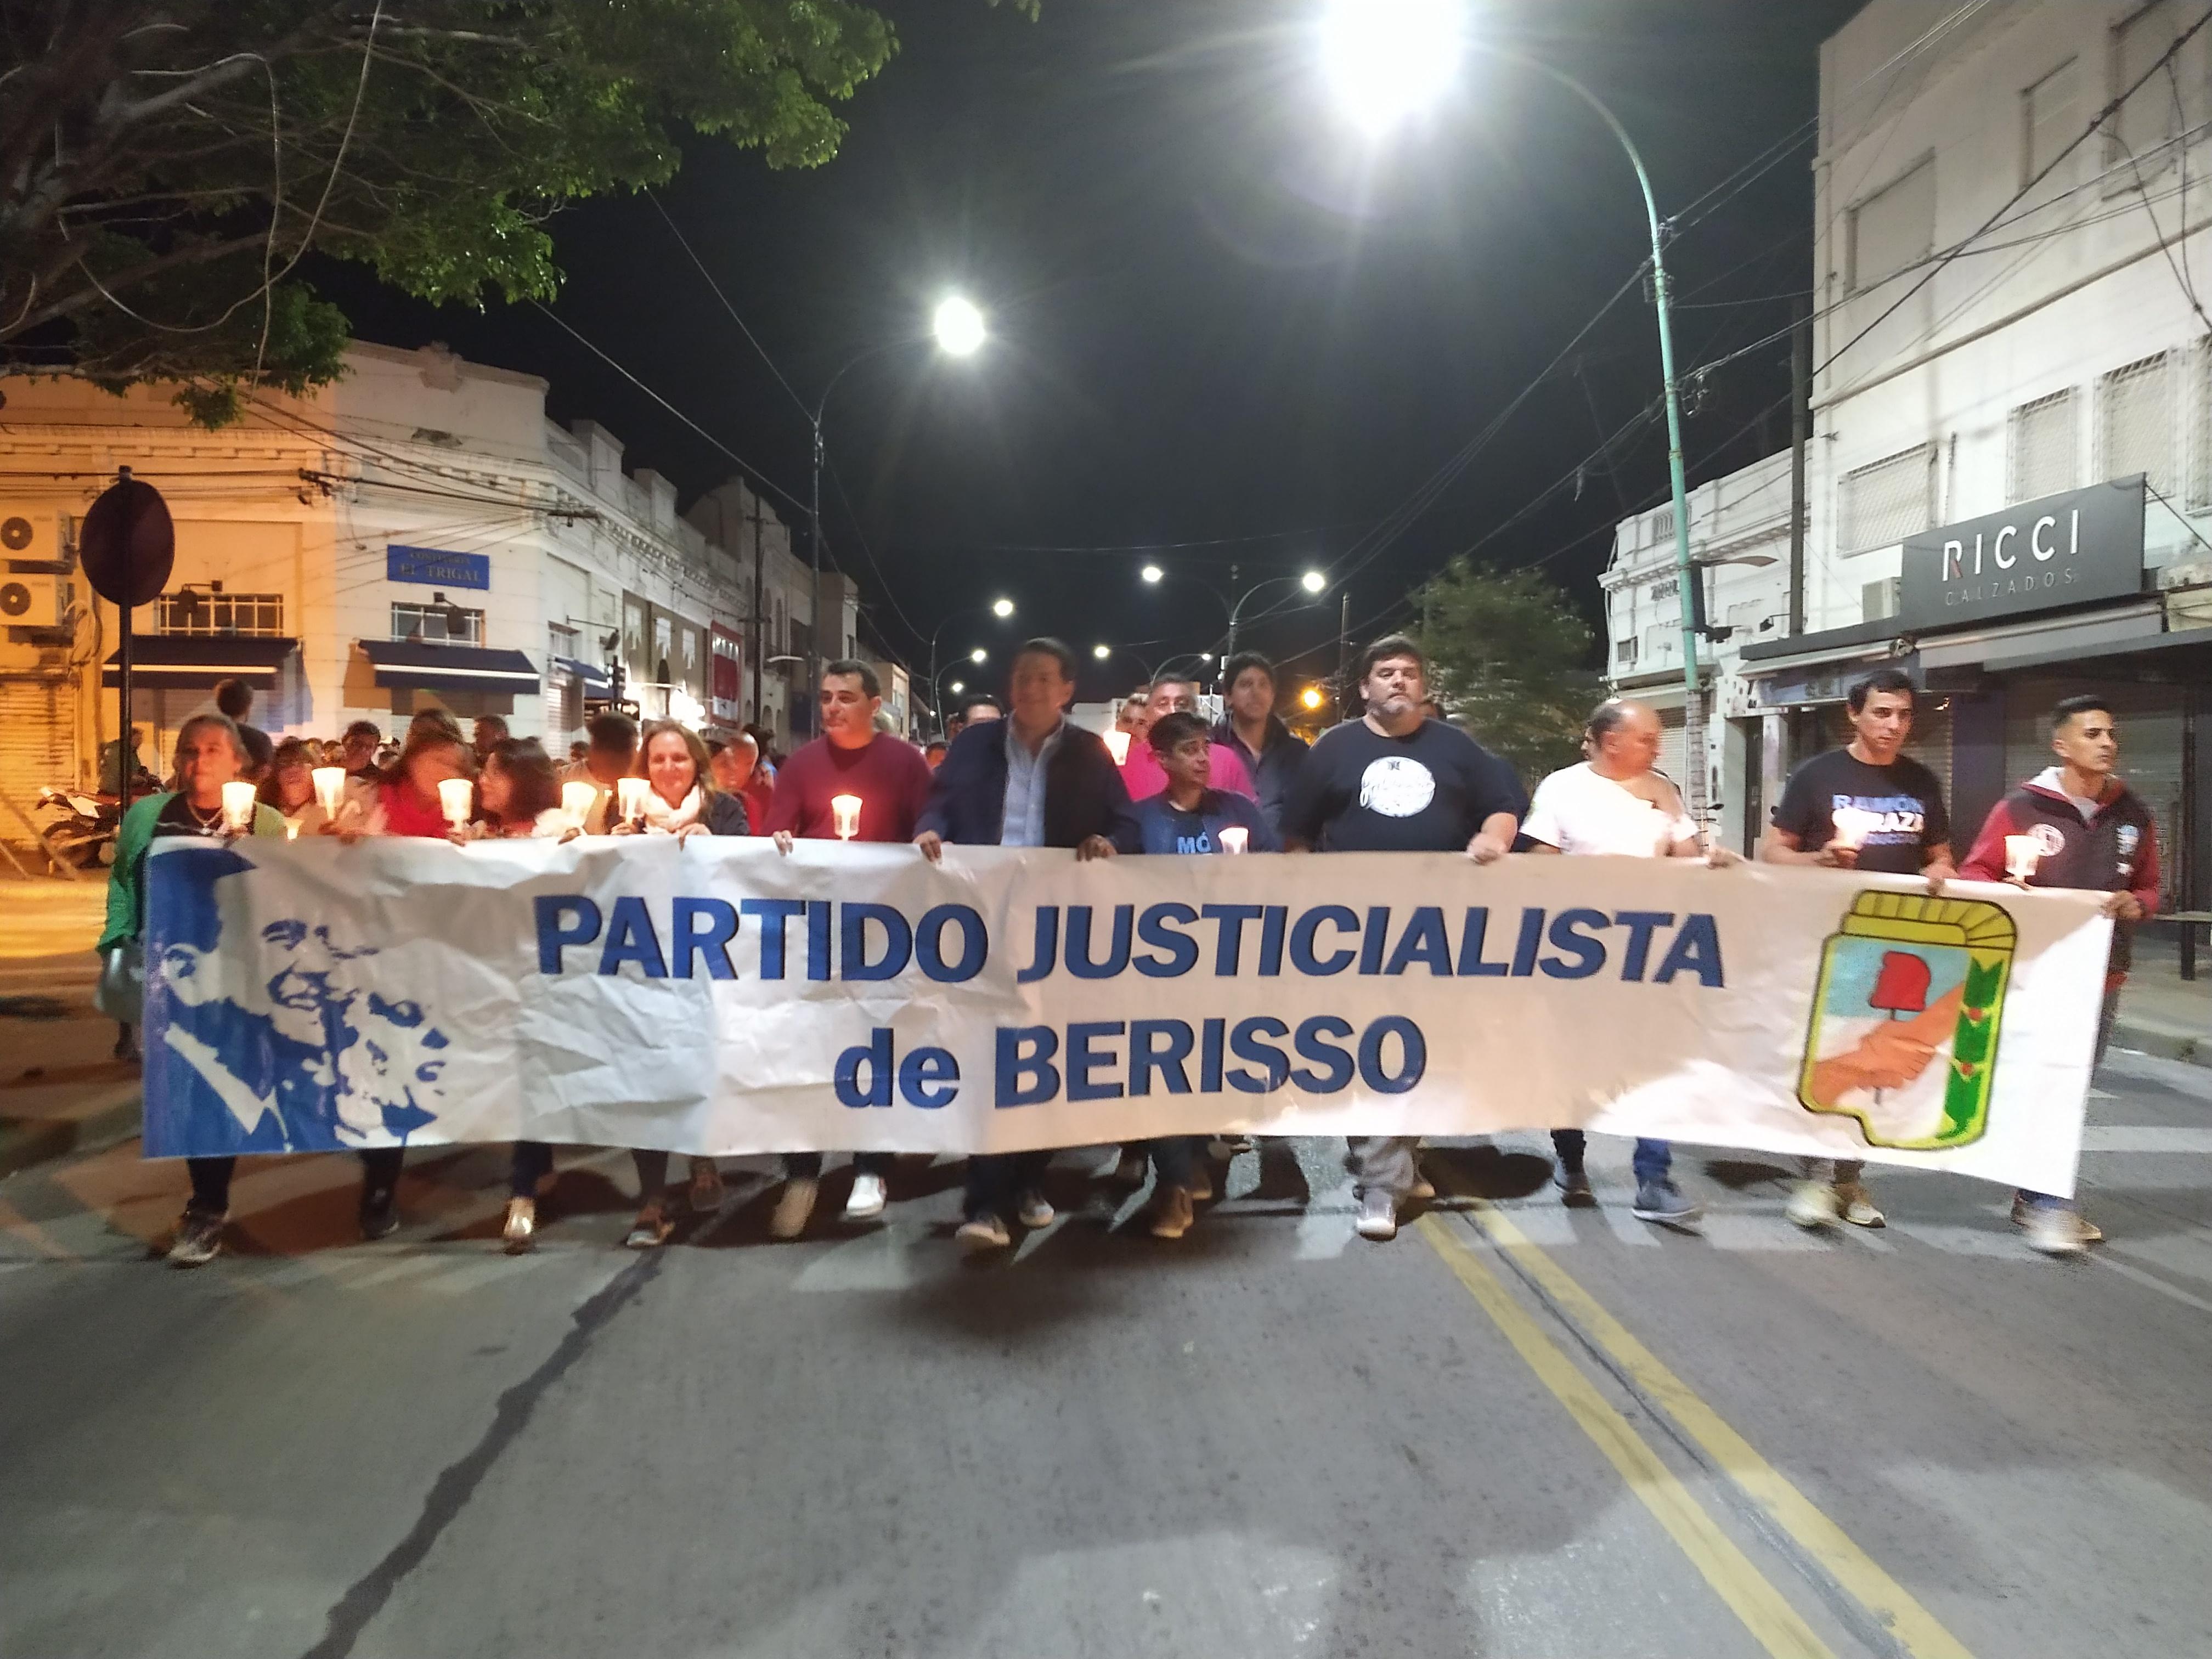 Este sábado por la noche el Partido Justicialista de Berisso llevó a cabo un acto de Reparación Histórica y Memoria, continuado por una Marcha de Antorchas y una vigilia en el Monumento  de los Desaparecidos ubicado en el Parque Cívico.